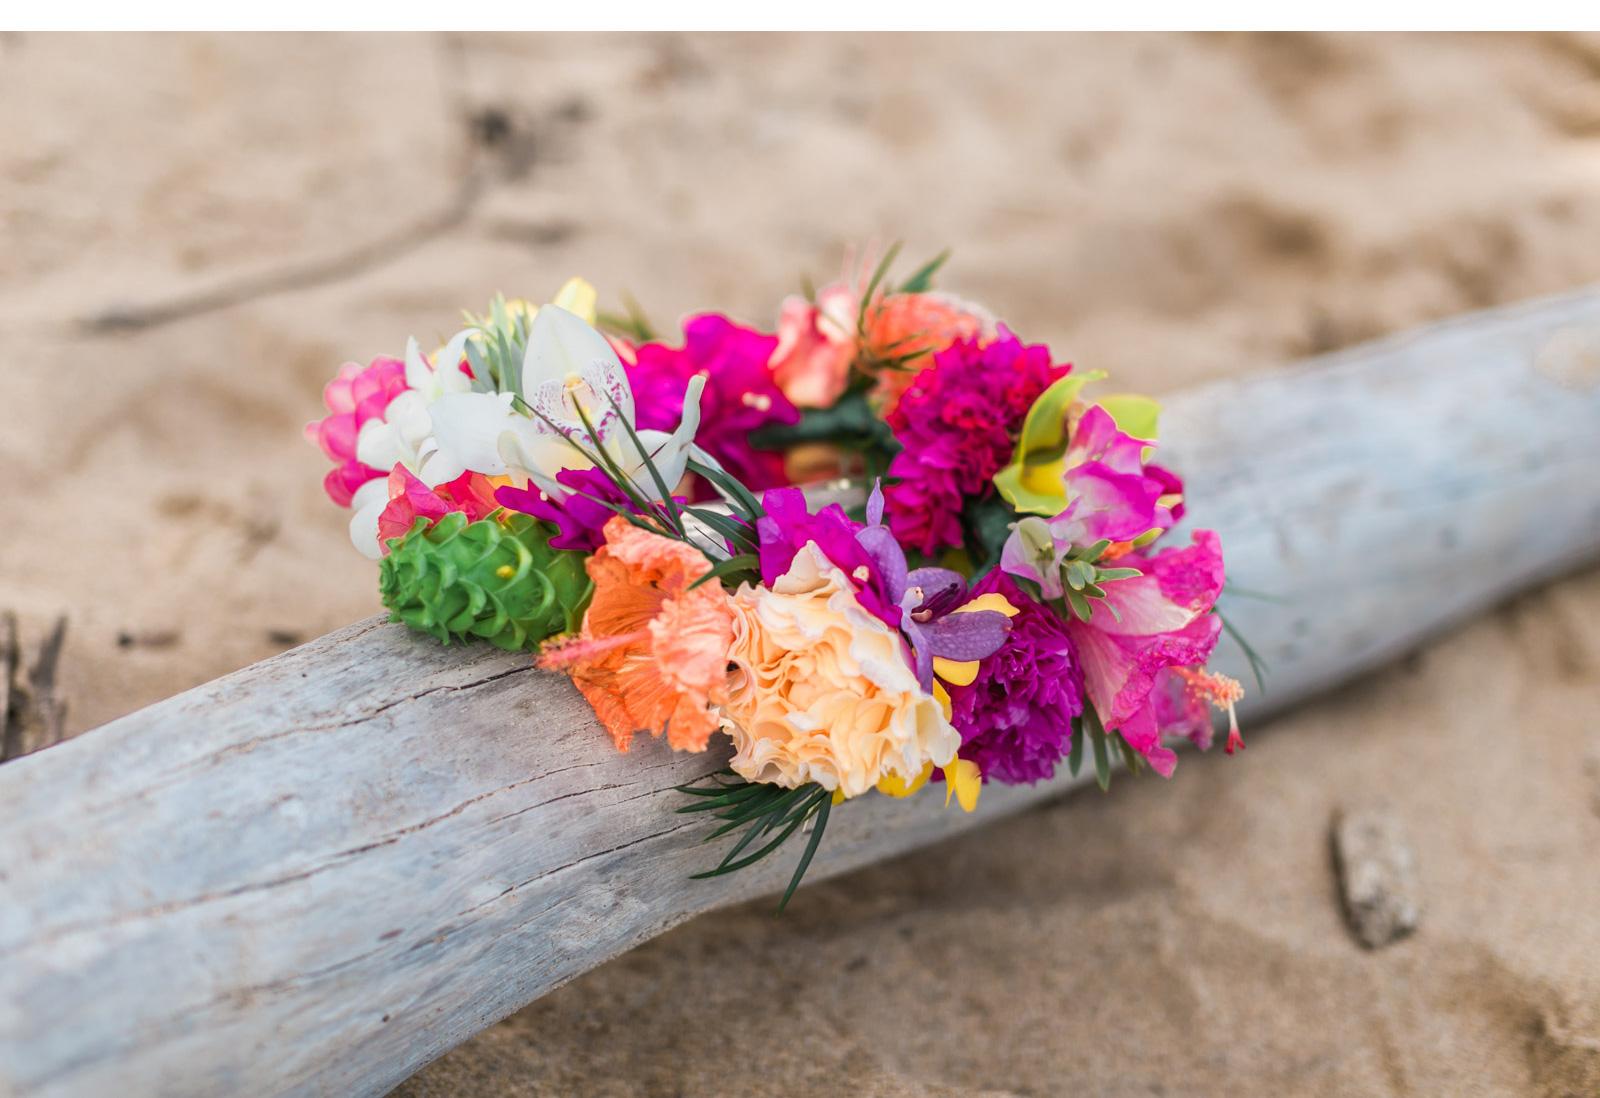 Natalie-Schutt-Photography---Green-Wedding-Shoes-Destination-Wedding_03.jpg